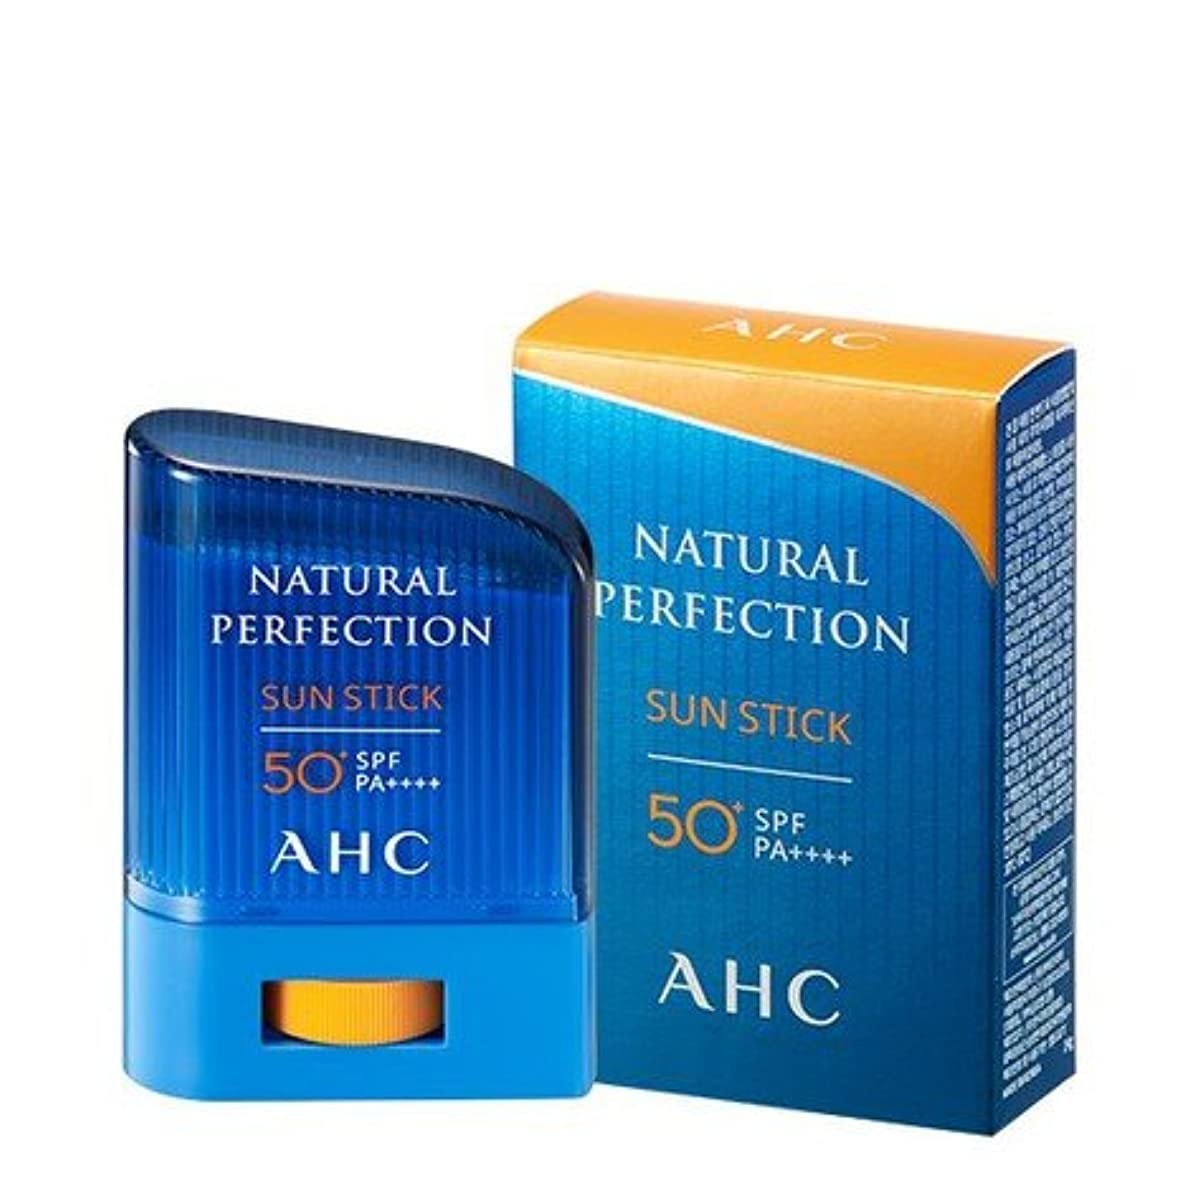 ページ学んだとんでもない[Renewal 最新] AHCナチュラルパーフェクション線スティック / AHC NATURAL PERFECTION SUN STICK [SPF 50+ / PA ++++] [並行輸入品] (14g)